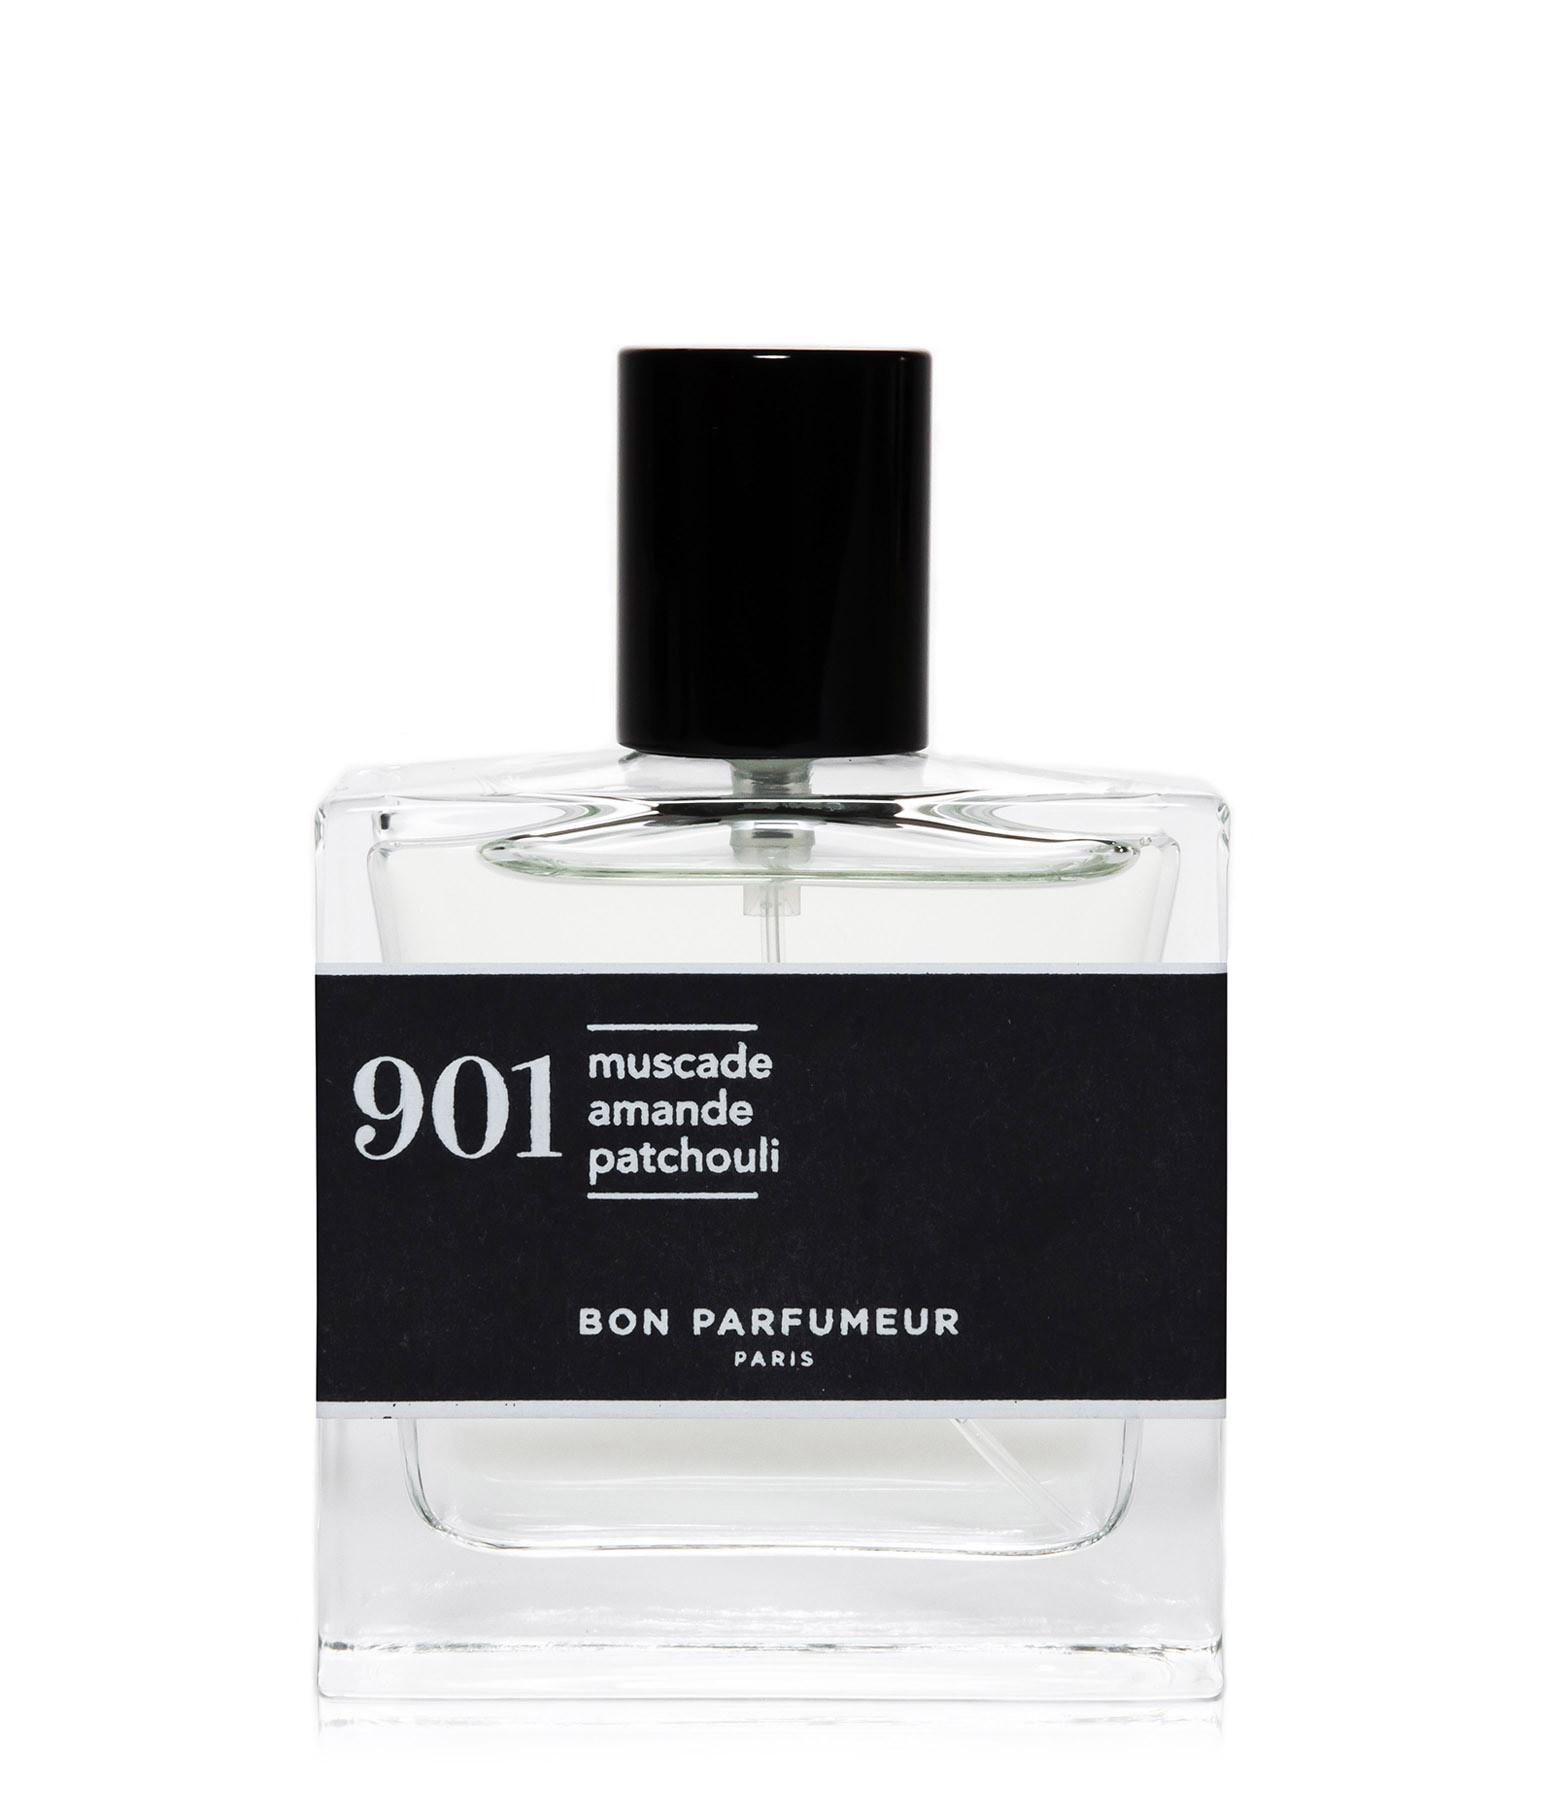 BON PARFUMEUR - Eau de Parfum #901 Muscade, Amande, Patchouli